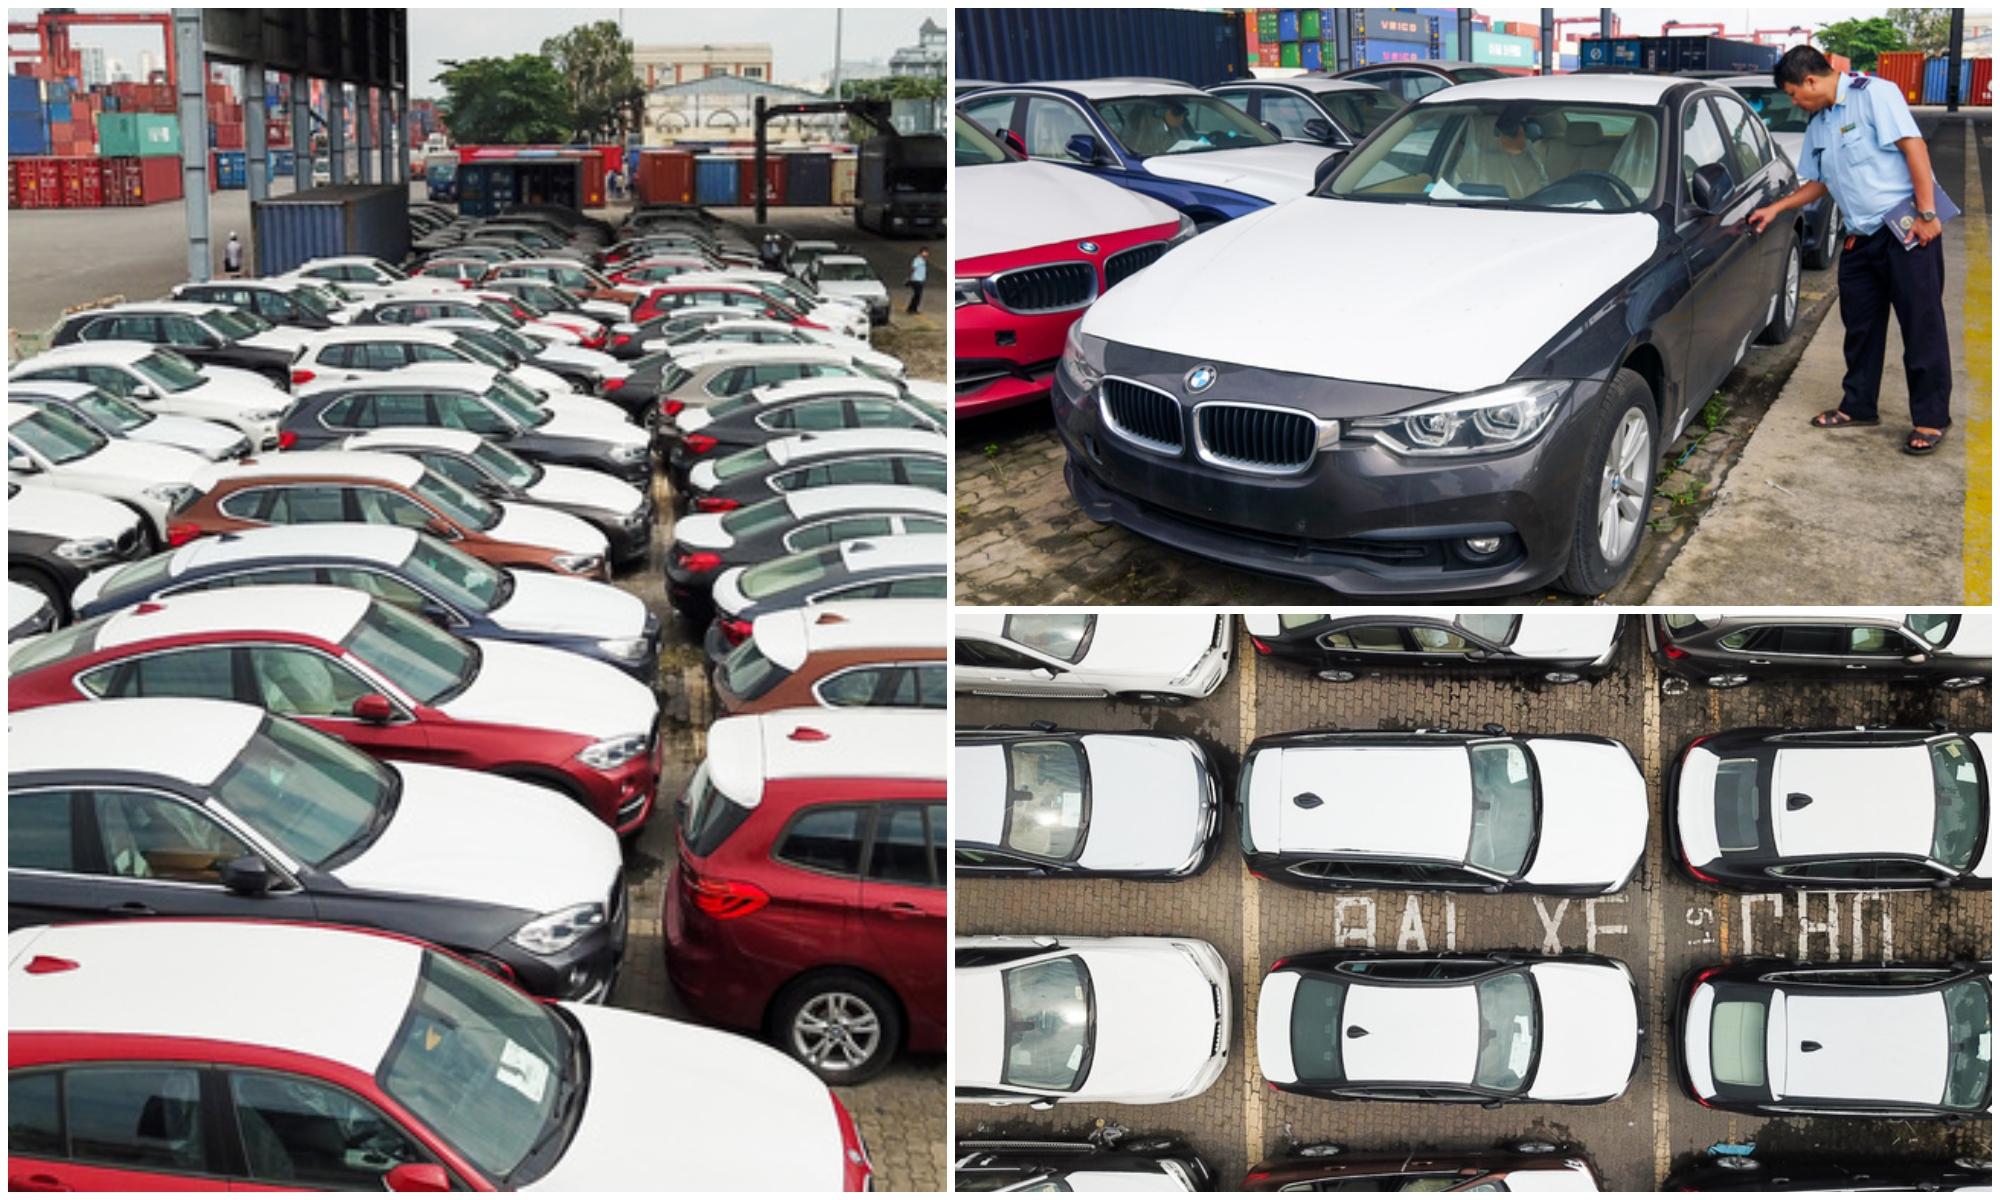 Sau 2 năm phơi nắng ngoài cảng, dàn xe BMW hơn 3 triệu USD trong vụ buôn lậu bị xuống cấp 1